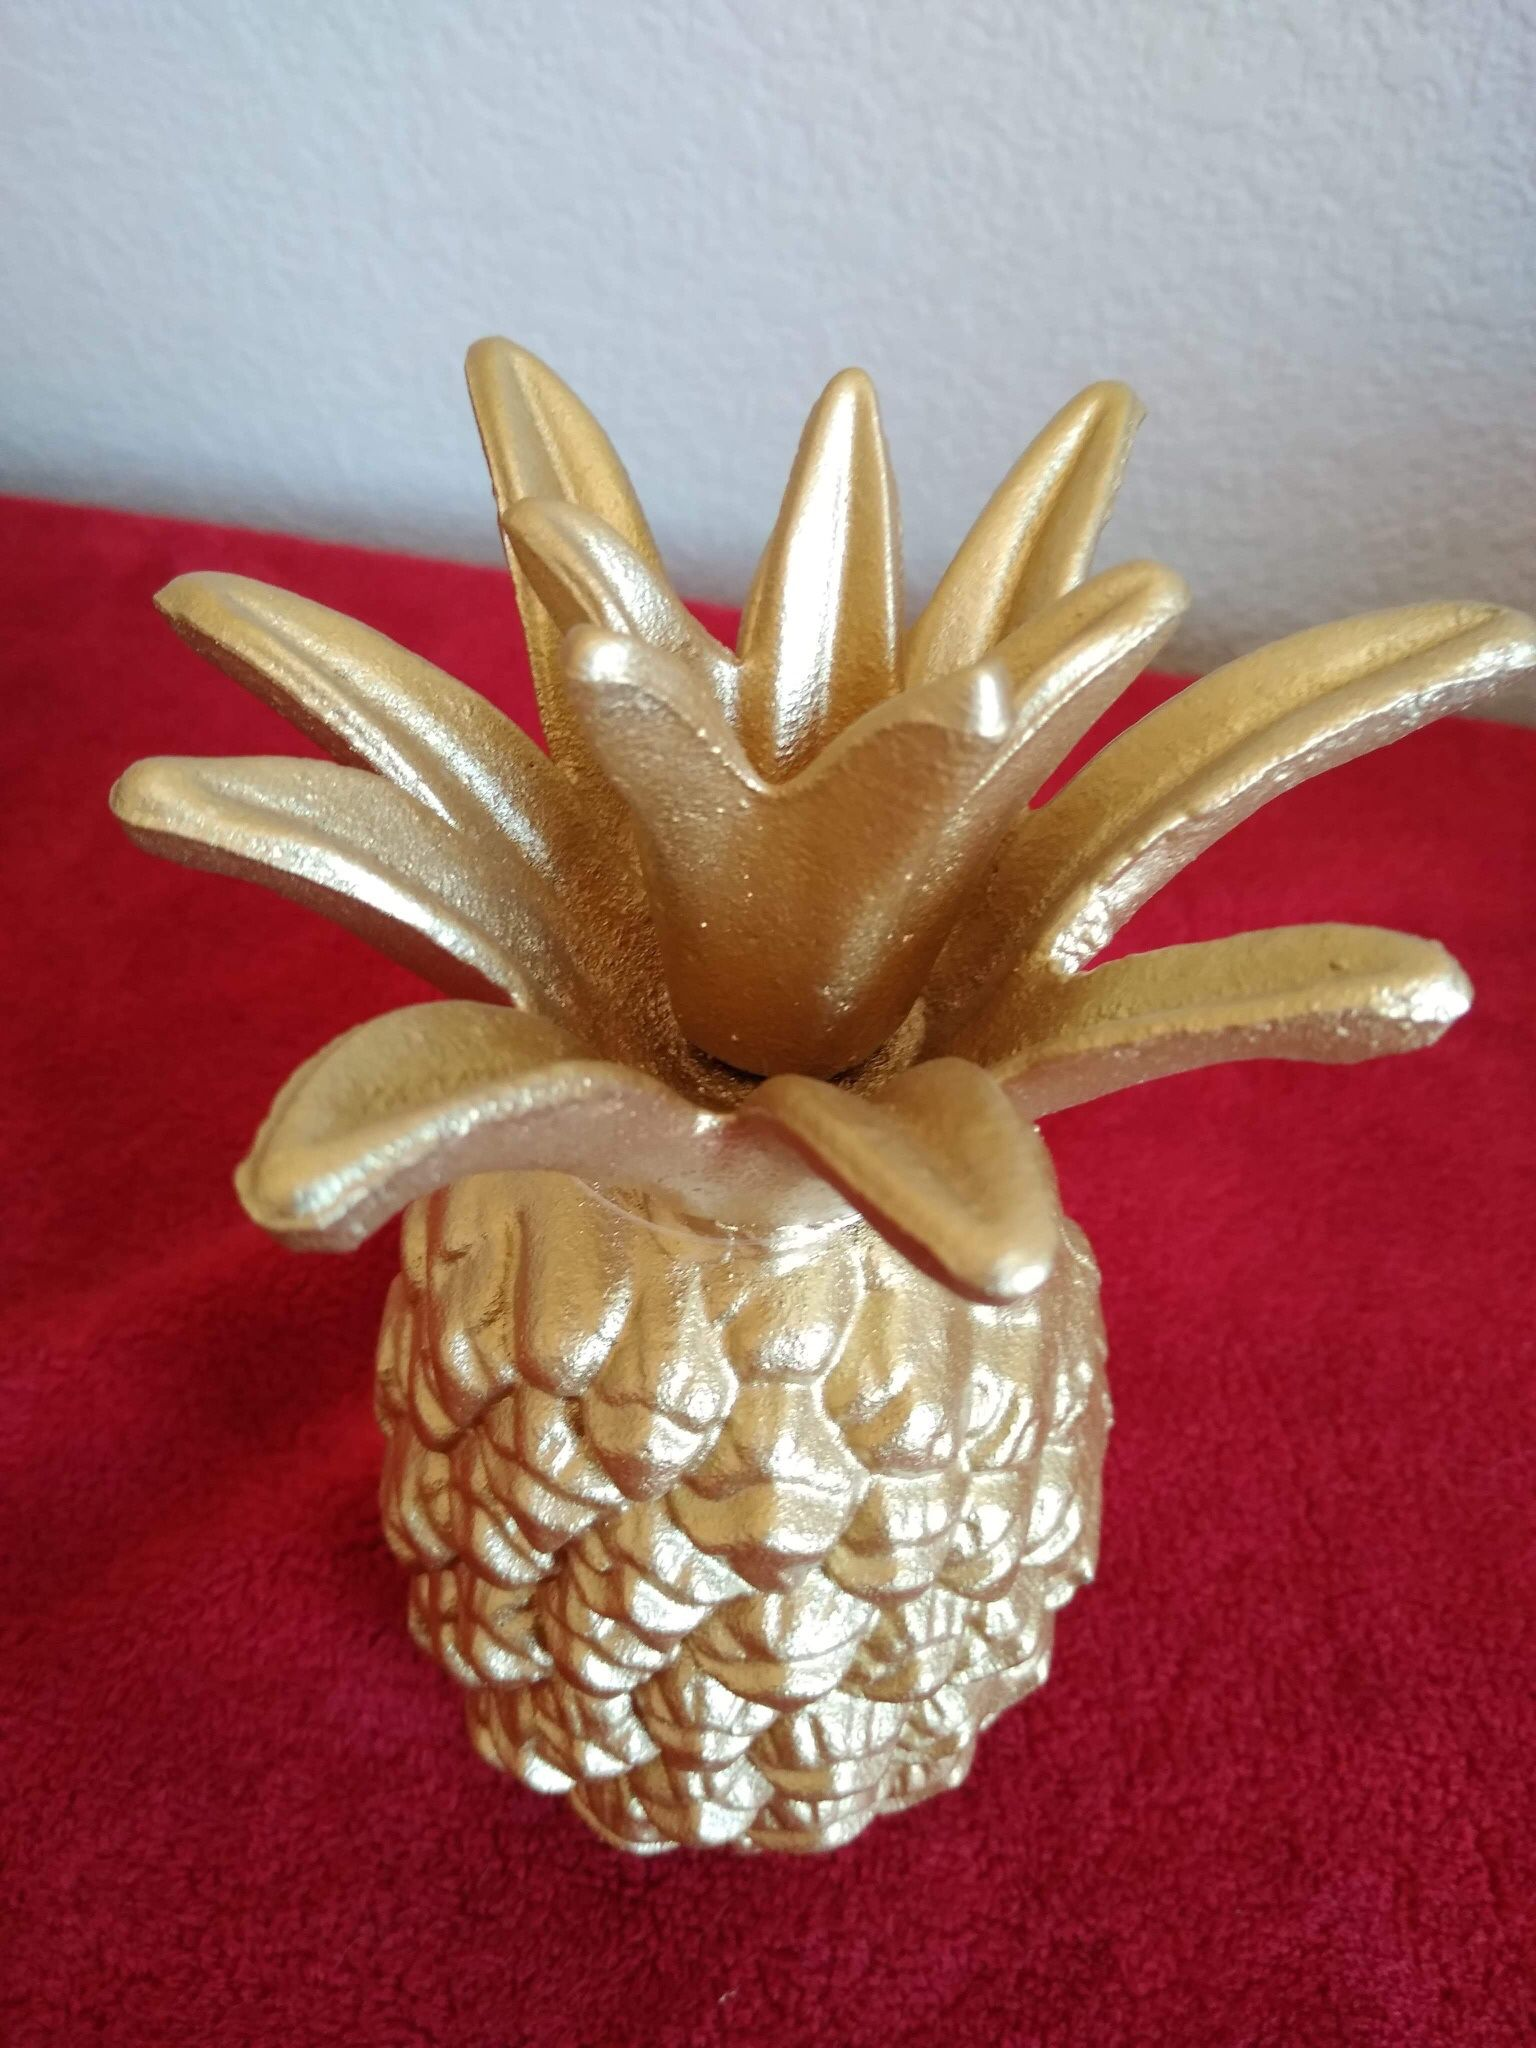 Brand New Small Cast Iron Pineapple (4x7) 👉🏻 Please Read Description 👀